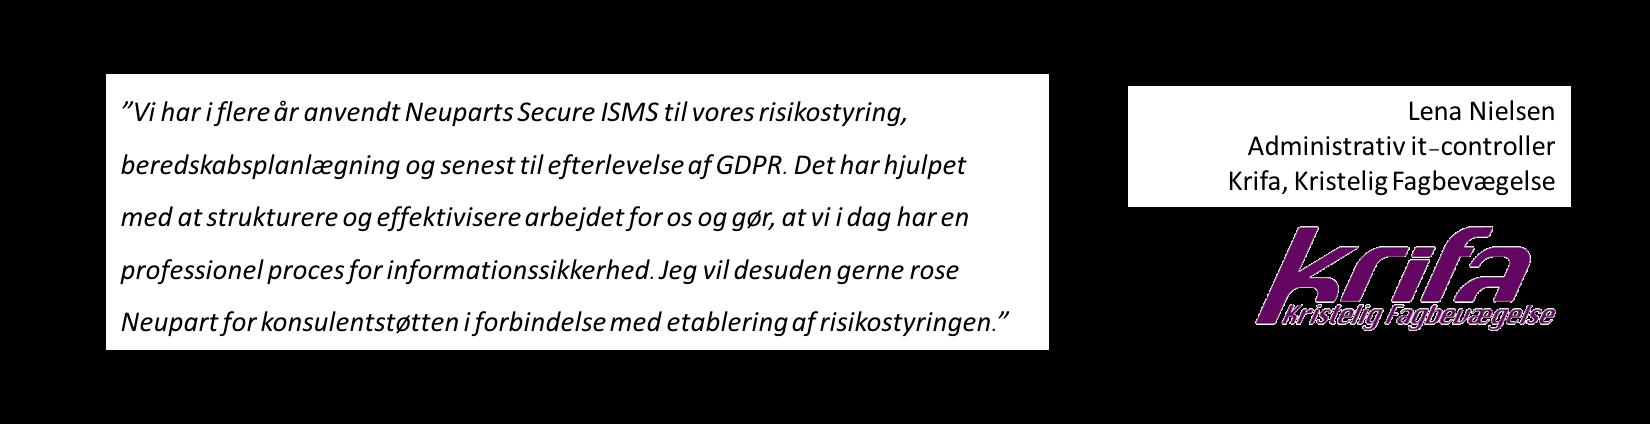 Efterlevelse af GDPR - strukturere og effektivisere - proces for informationssikkerhed